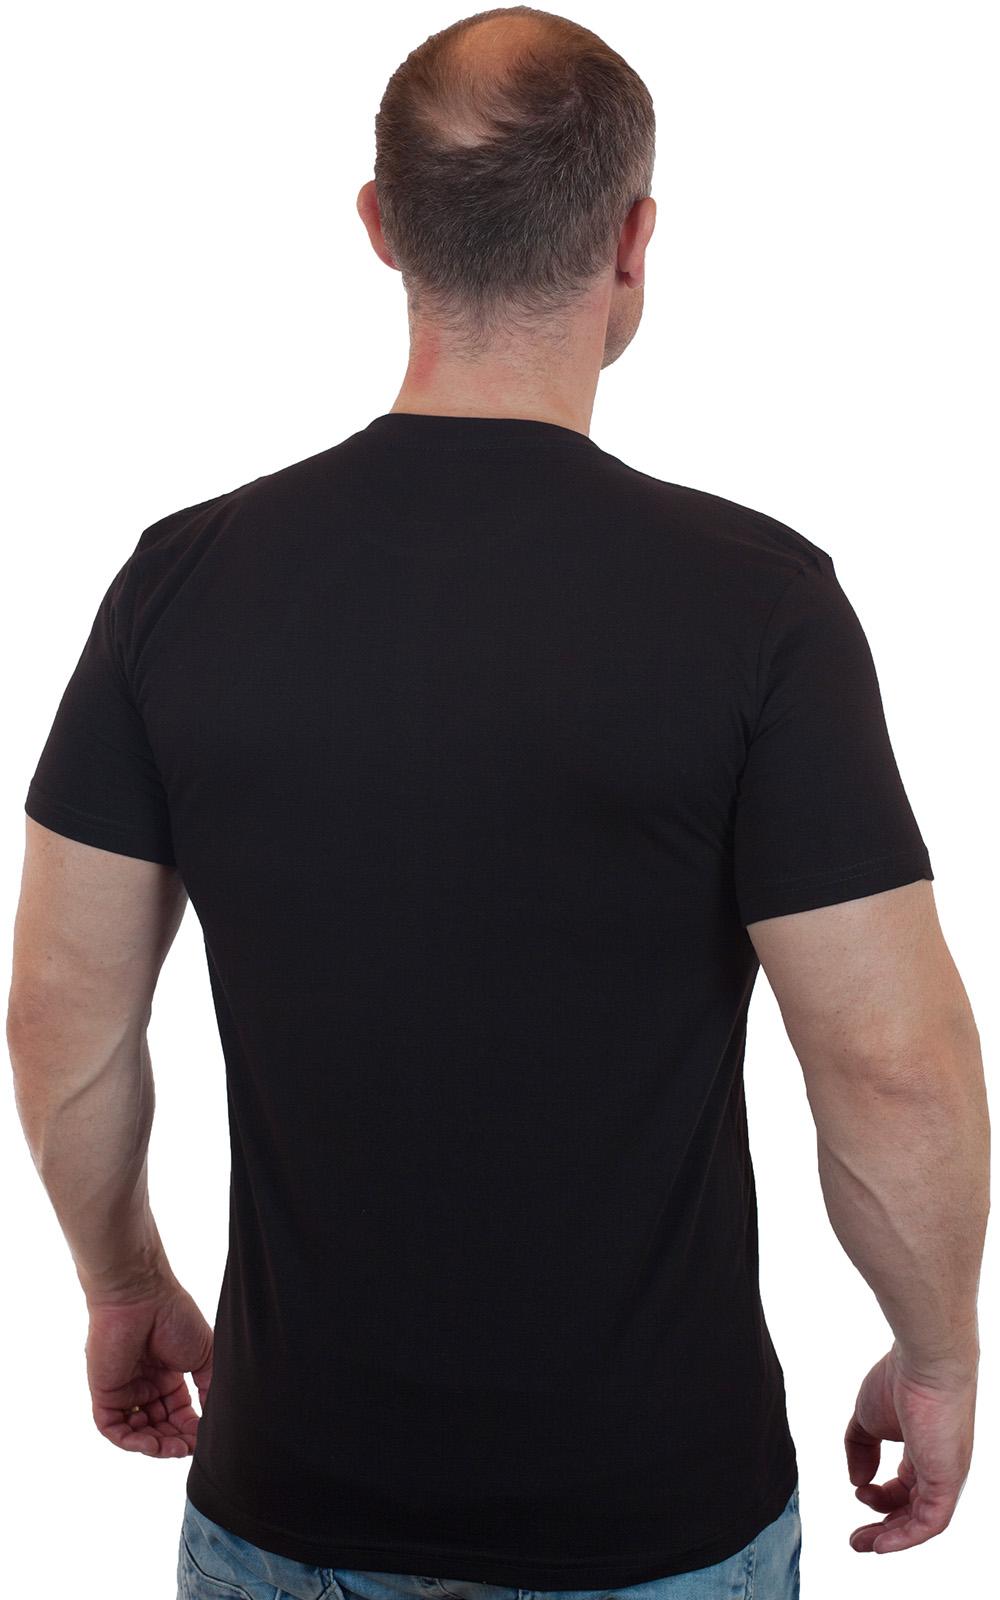 Строгая мужская футболка с вышивкой Морпехи 155 ОБрМП КТОФ - купить выгодно